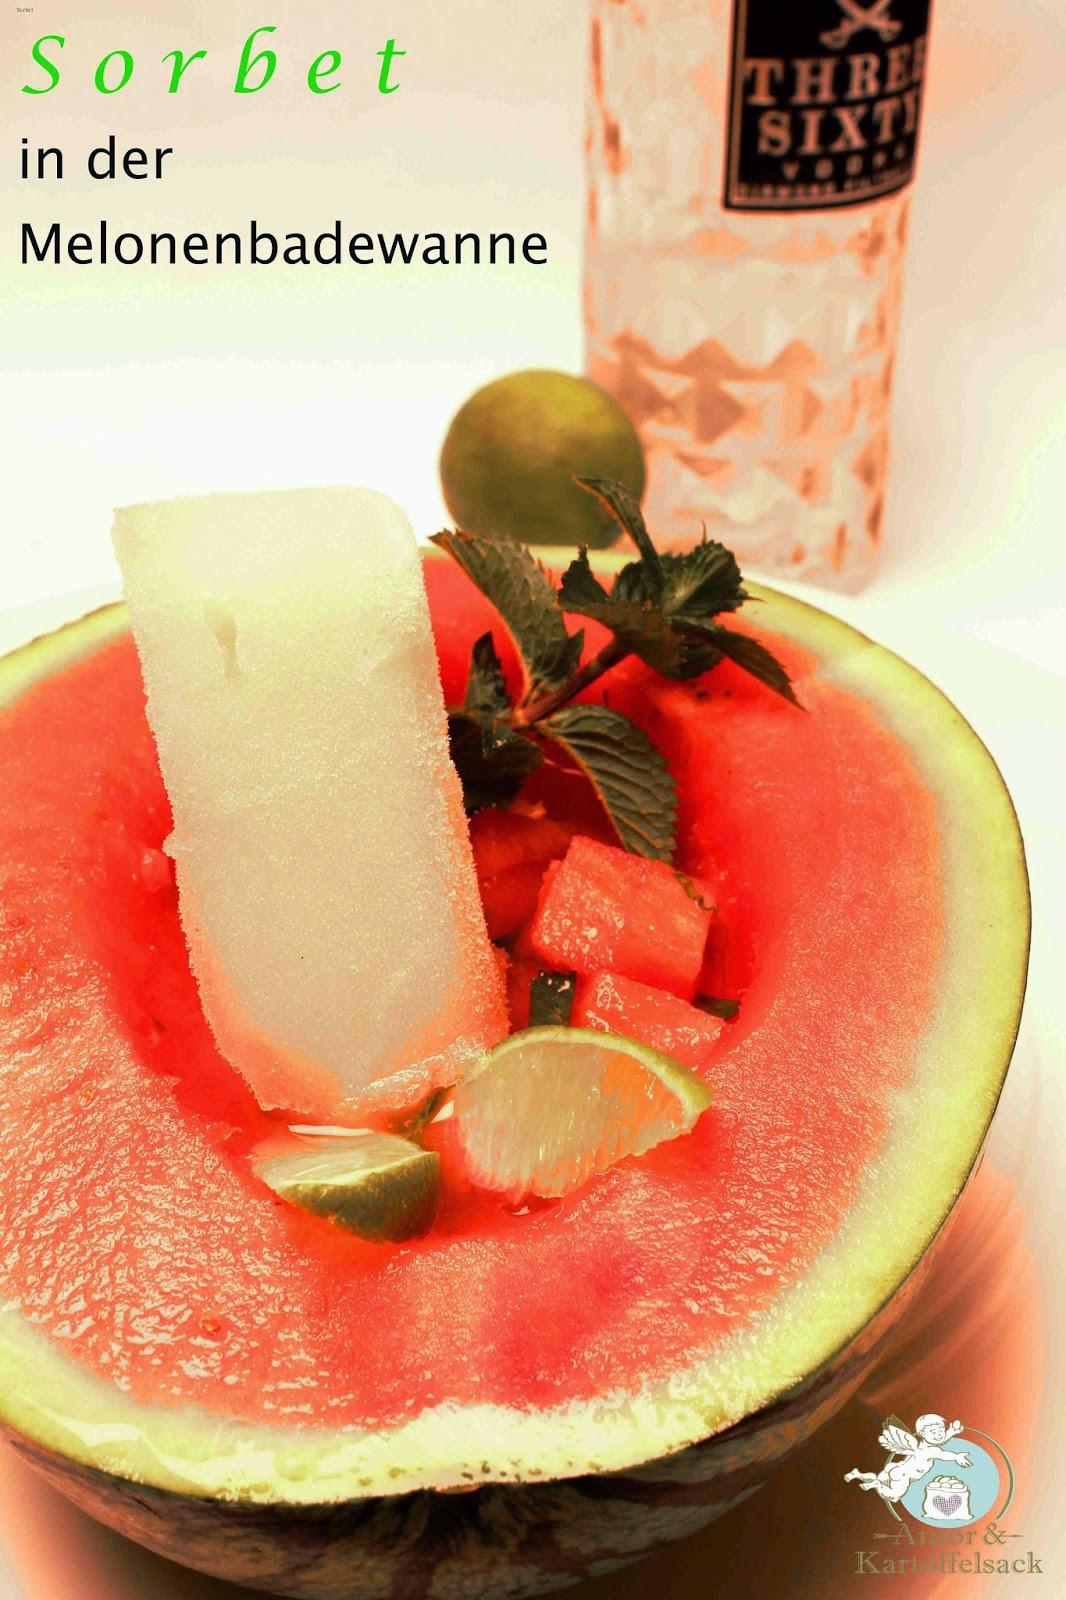 Sommerdessert mit Melone und Eis